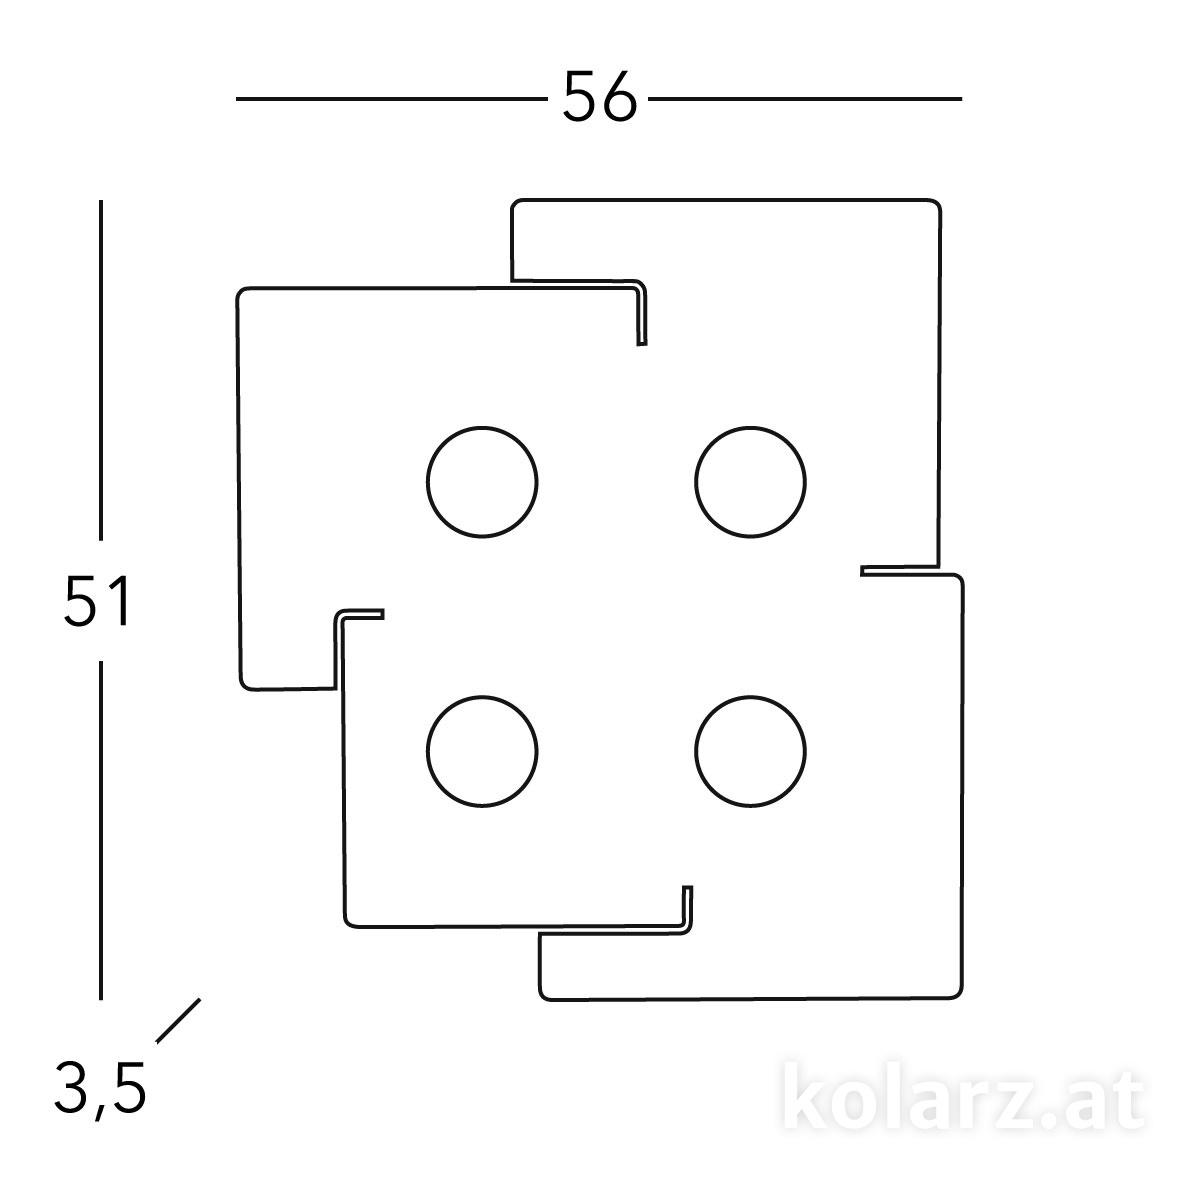 A1337-14-1-VinAg-s1.jpg